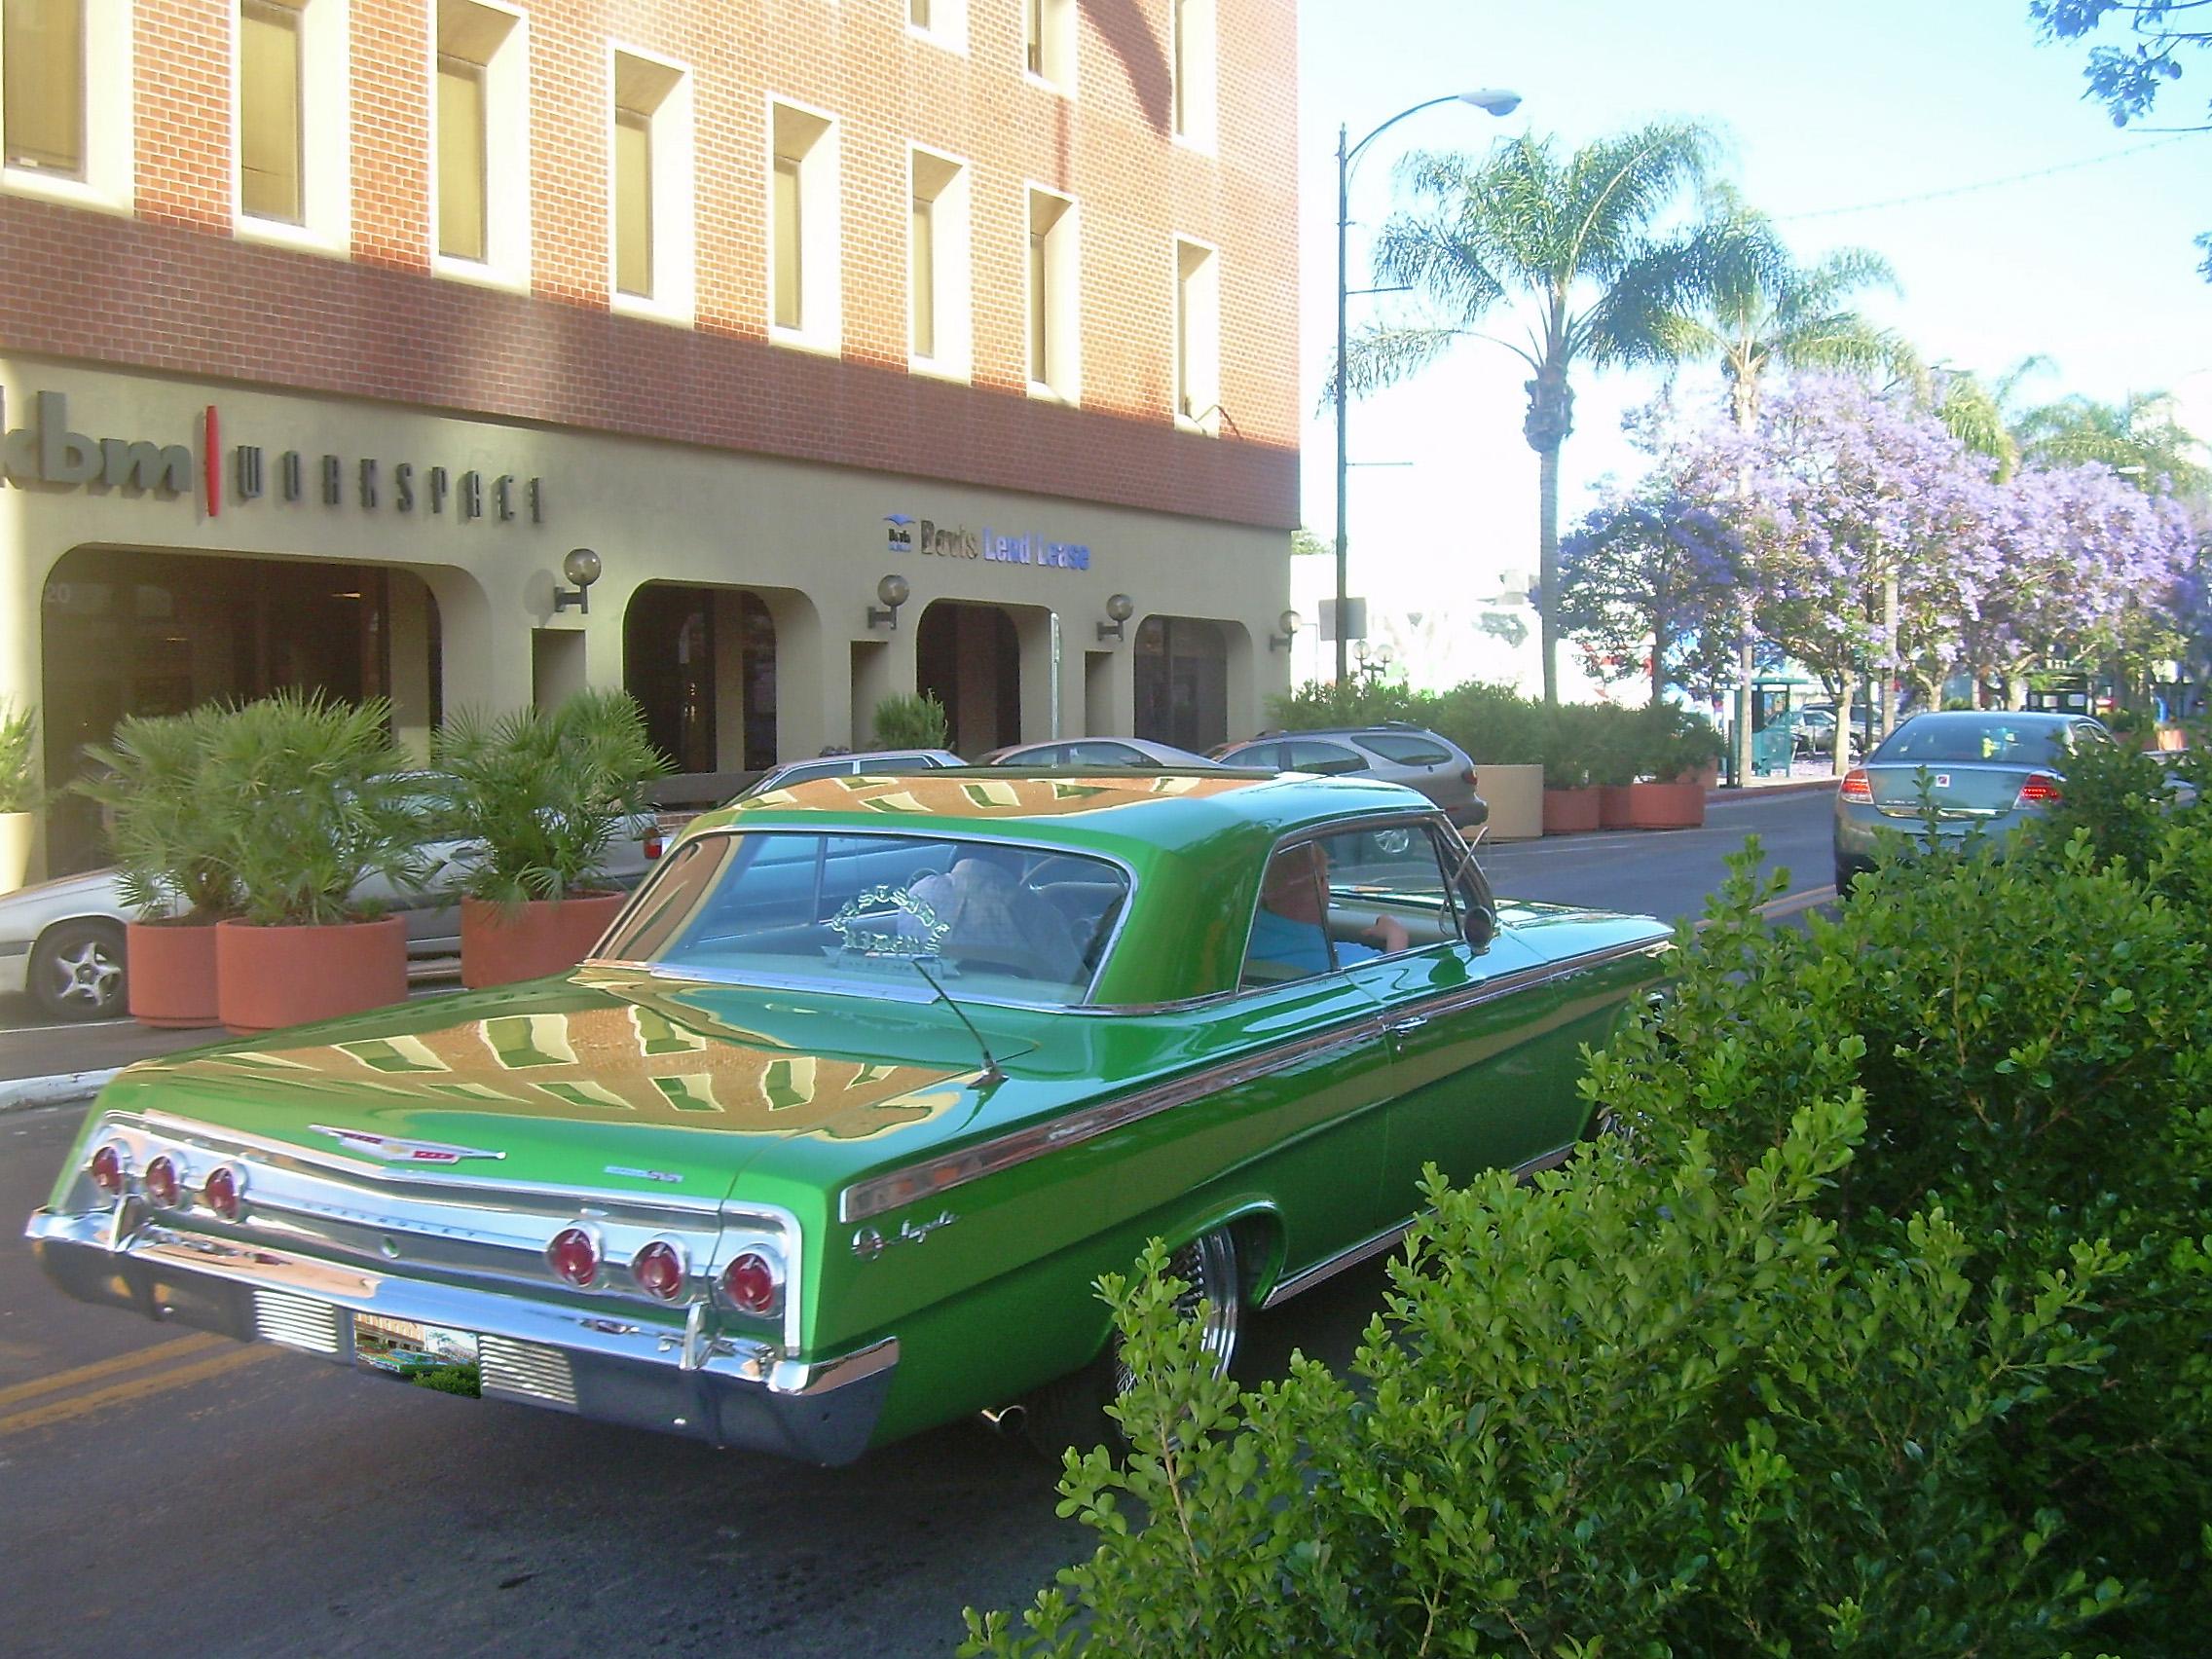 silverado htm wheels jose baller car chevrolet piece on chevy san dub g